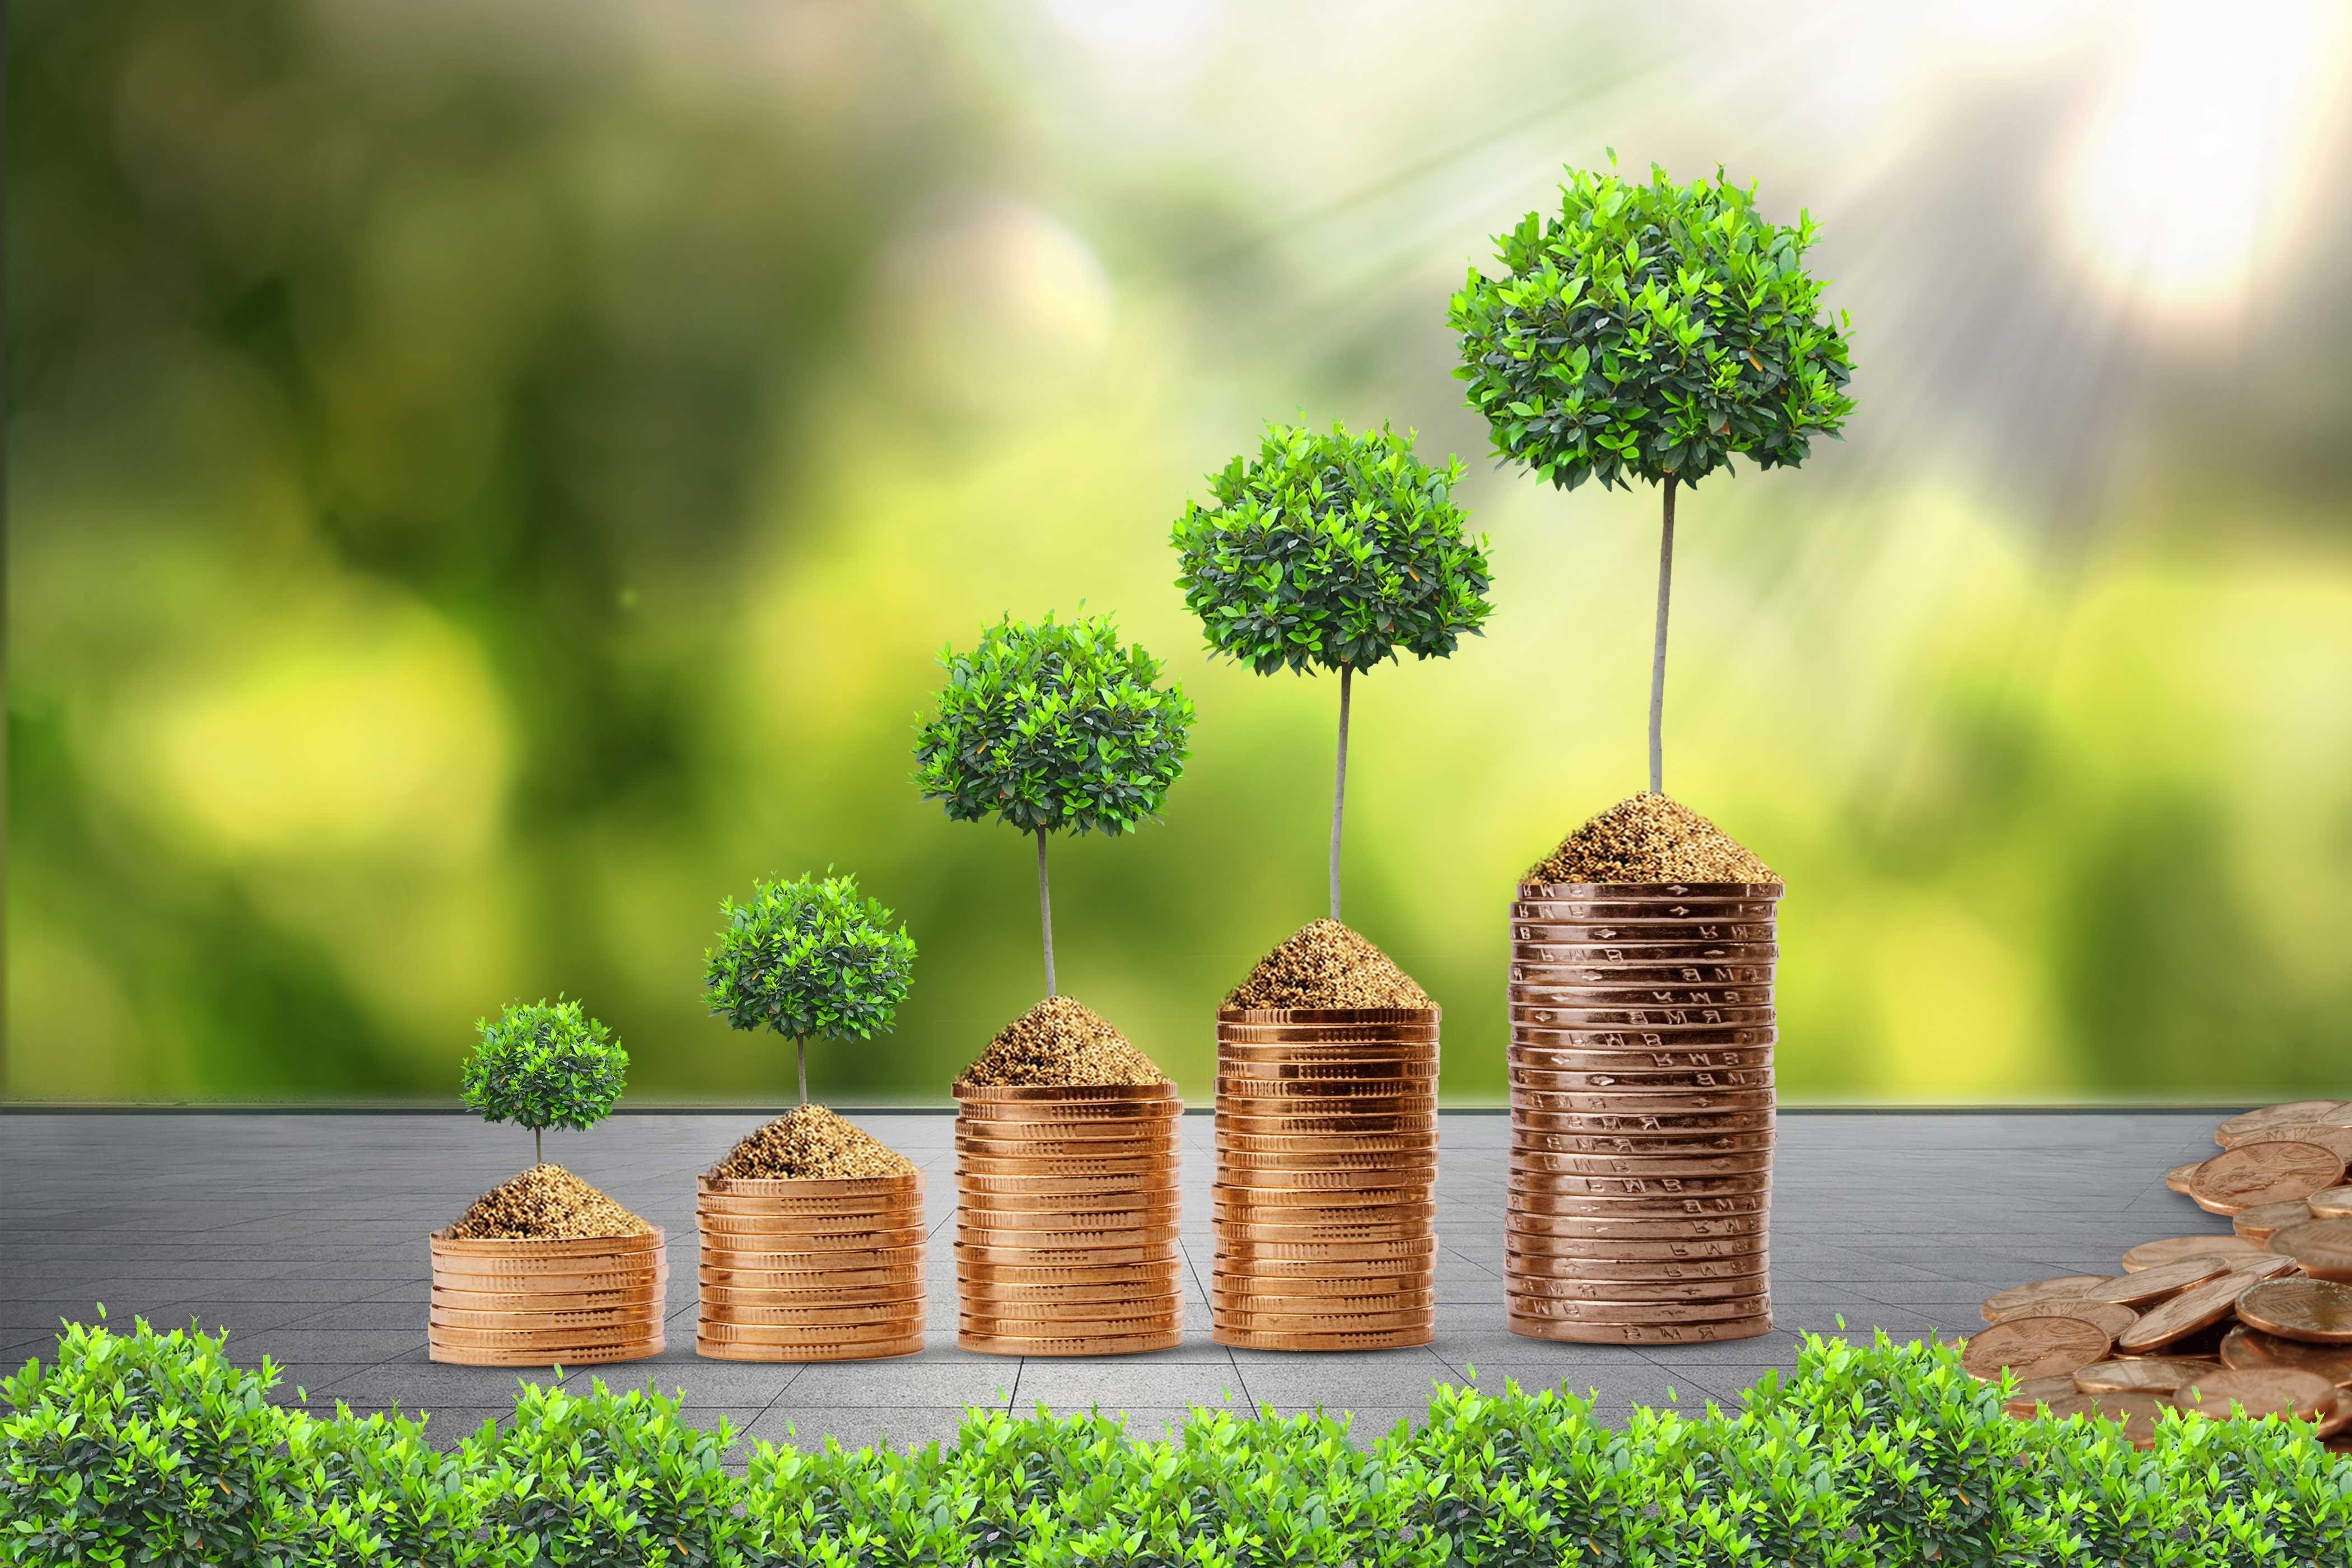 年金保险有哪些优点?适合什么样的人群购买